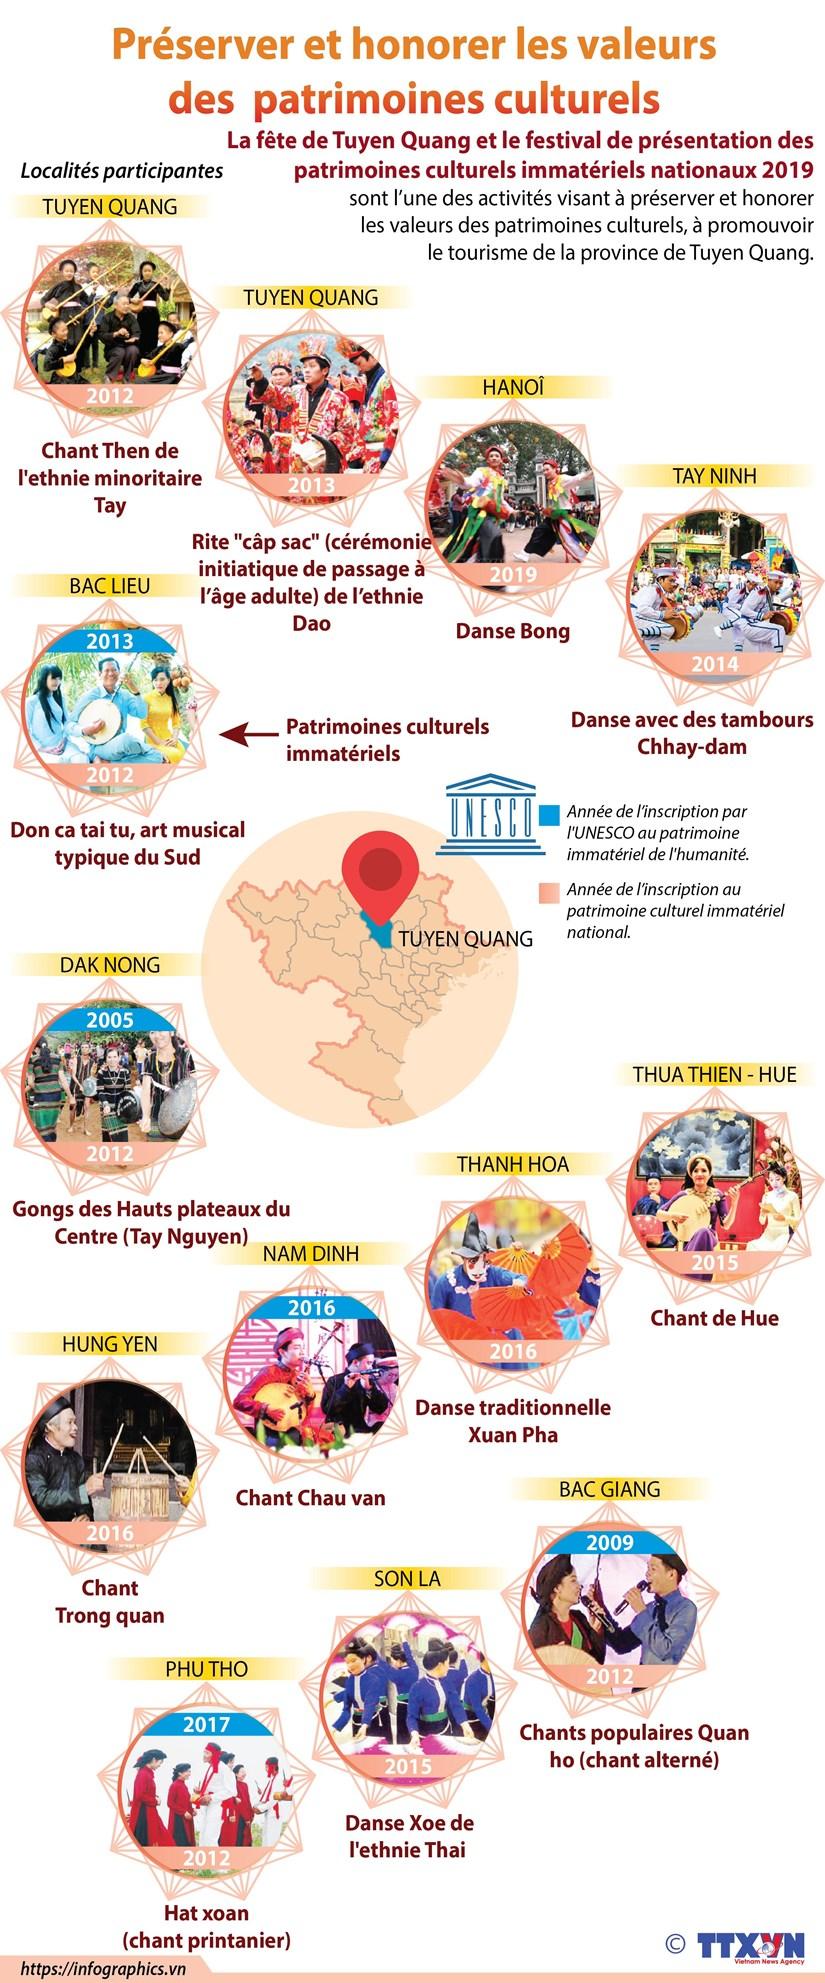 Preserver et honorer les valeurs des patrimoines culturels hinh anh 1